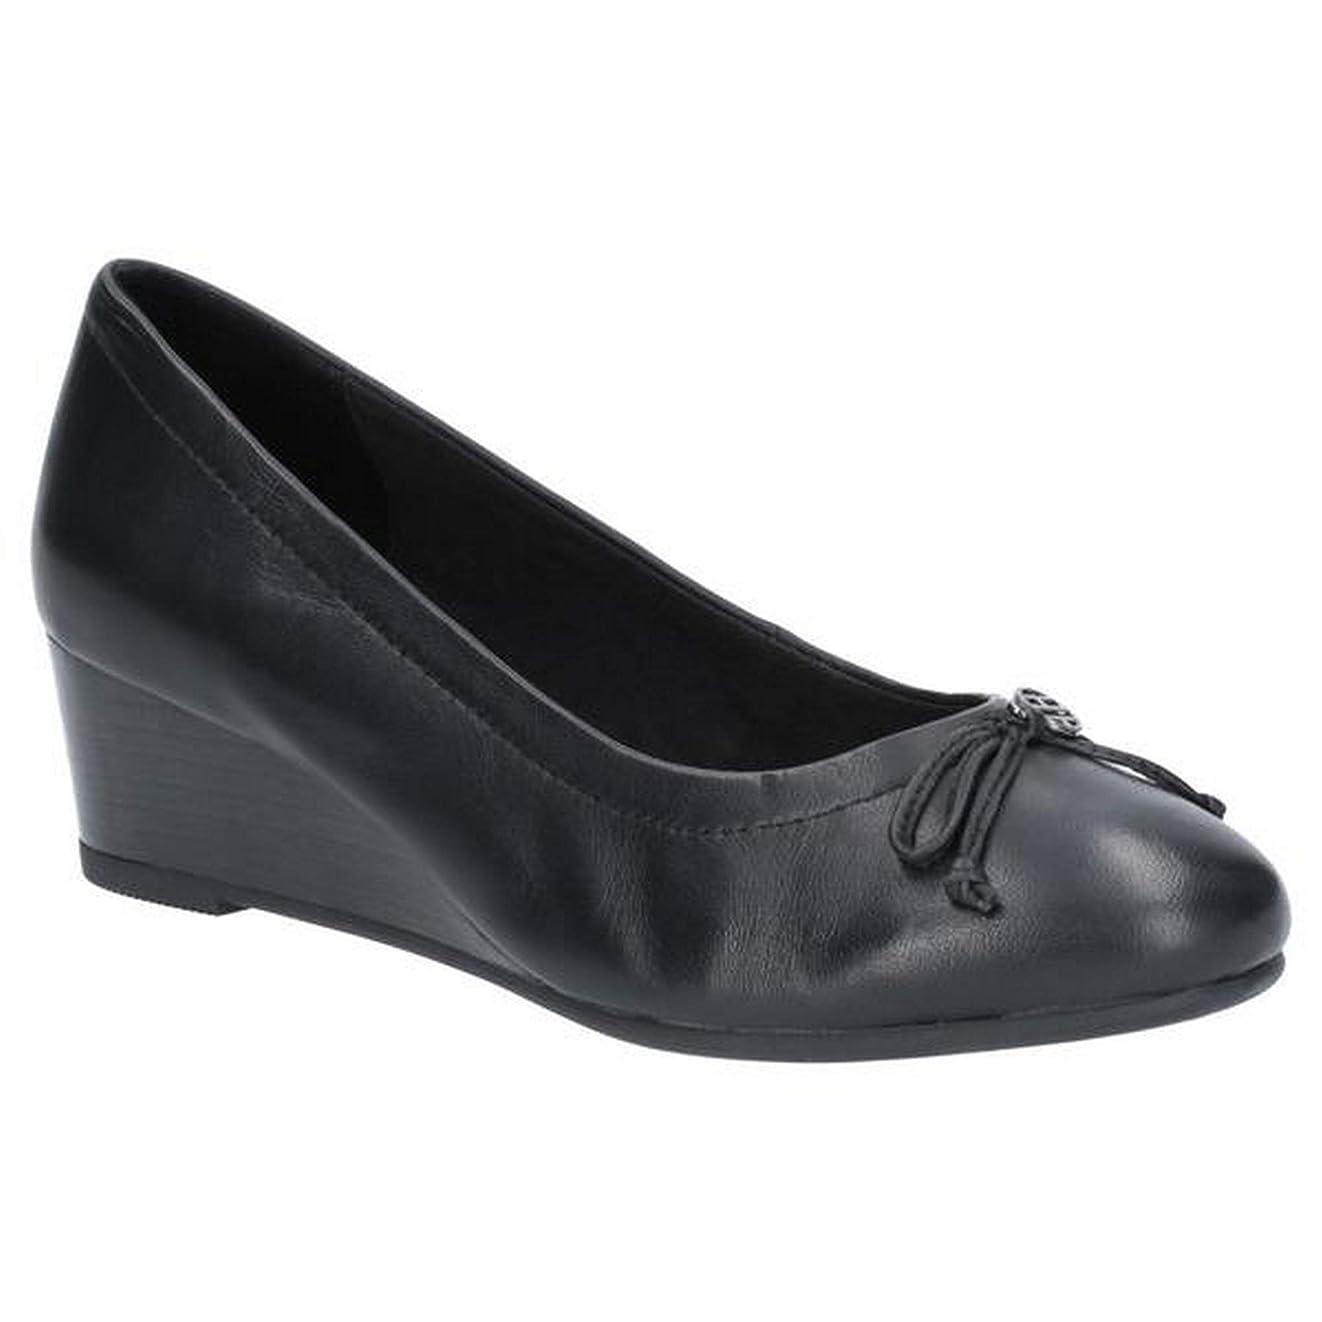 結果として絡まる病気[Hush Puppies] (ハッシュパピー) レディース Morkie Charm ウェッジシューズ 婦人靴 ヒール パンプス 女性用 (7 UK) (ブラック)